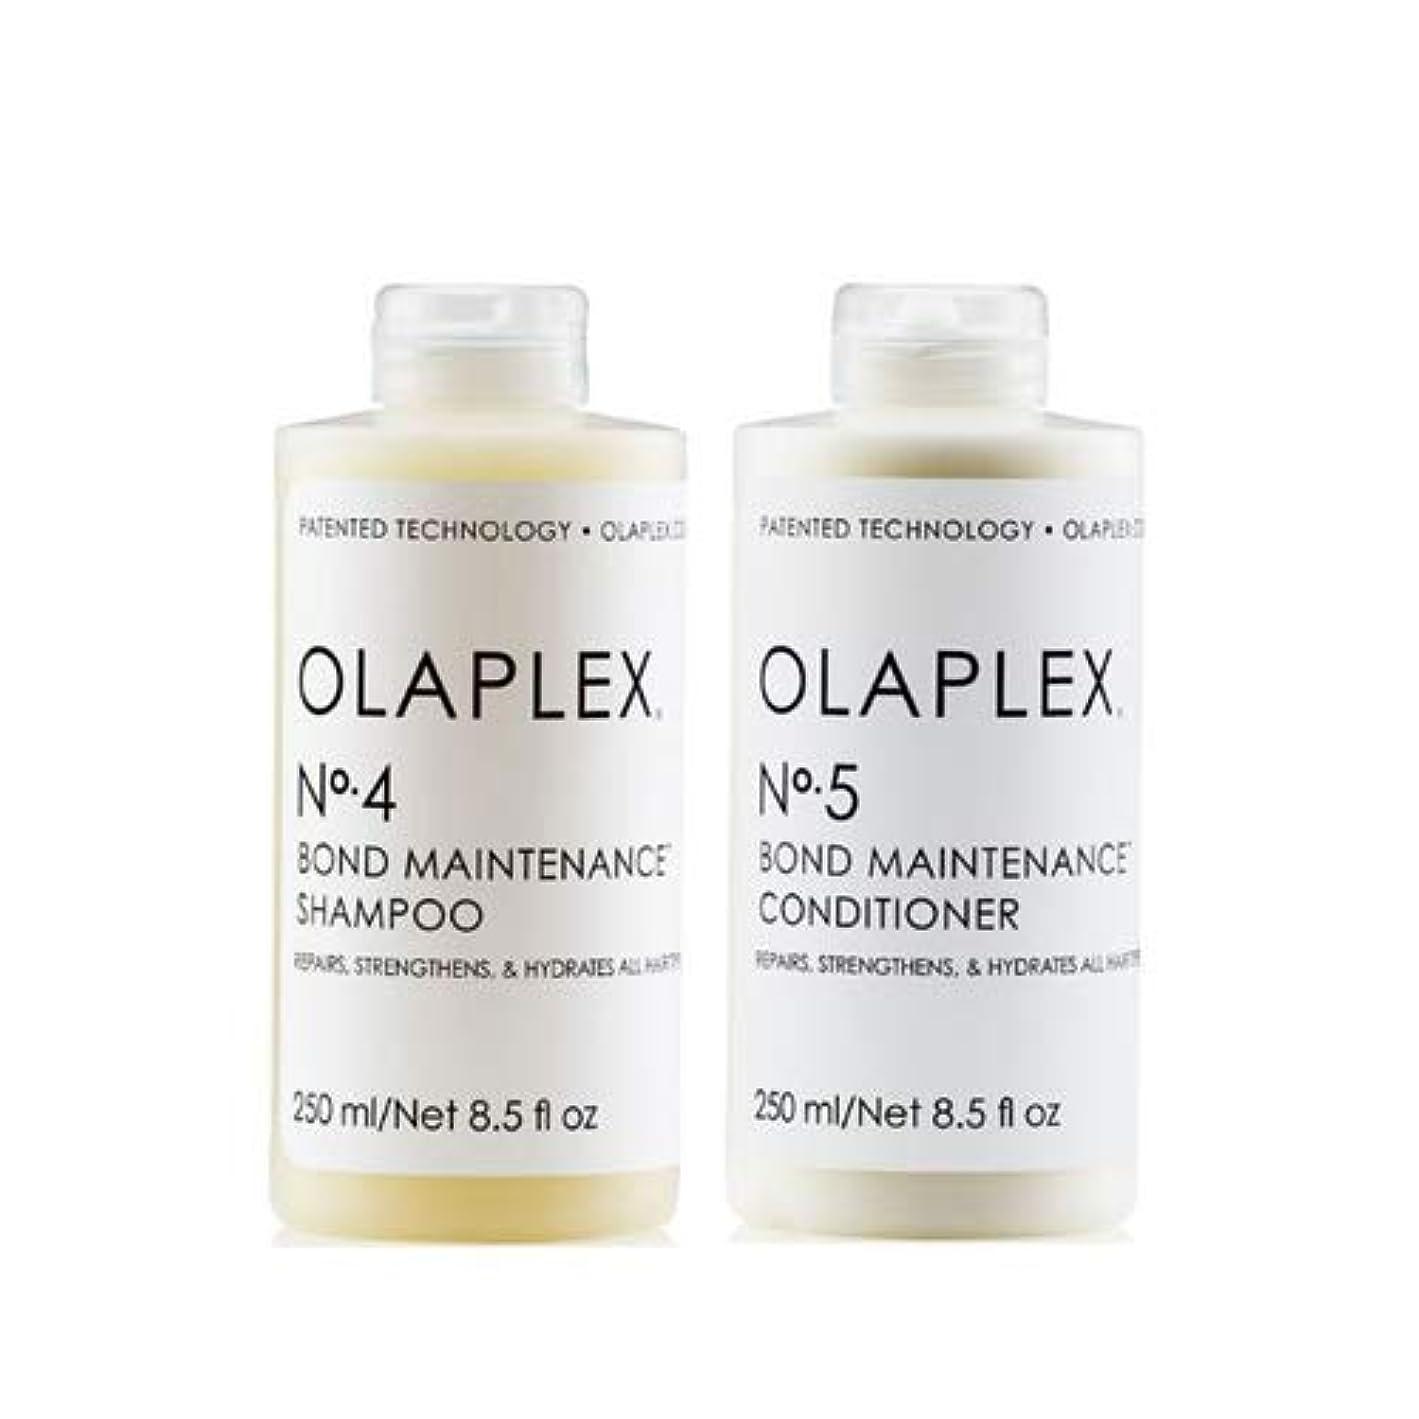 増強ワーム女の子Olaplex オラプレックス No. 4 5 ボンド メンテナンス シャンプー&コンディショナー Olaplex Bond Maintenance Shampoo & Conditioner 【並行輸入品】